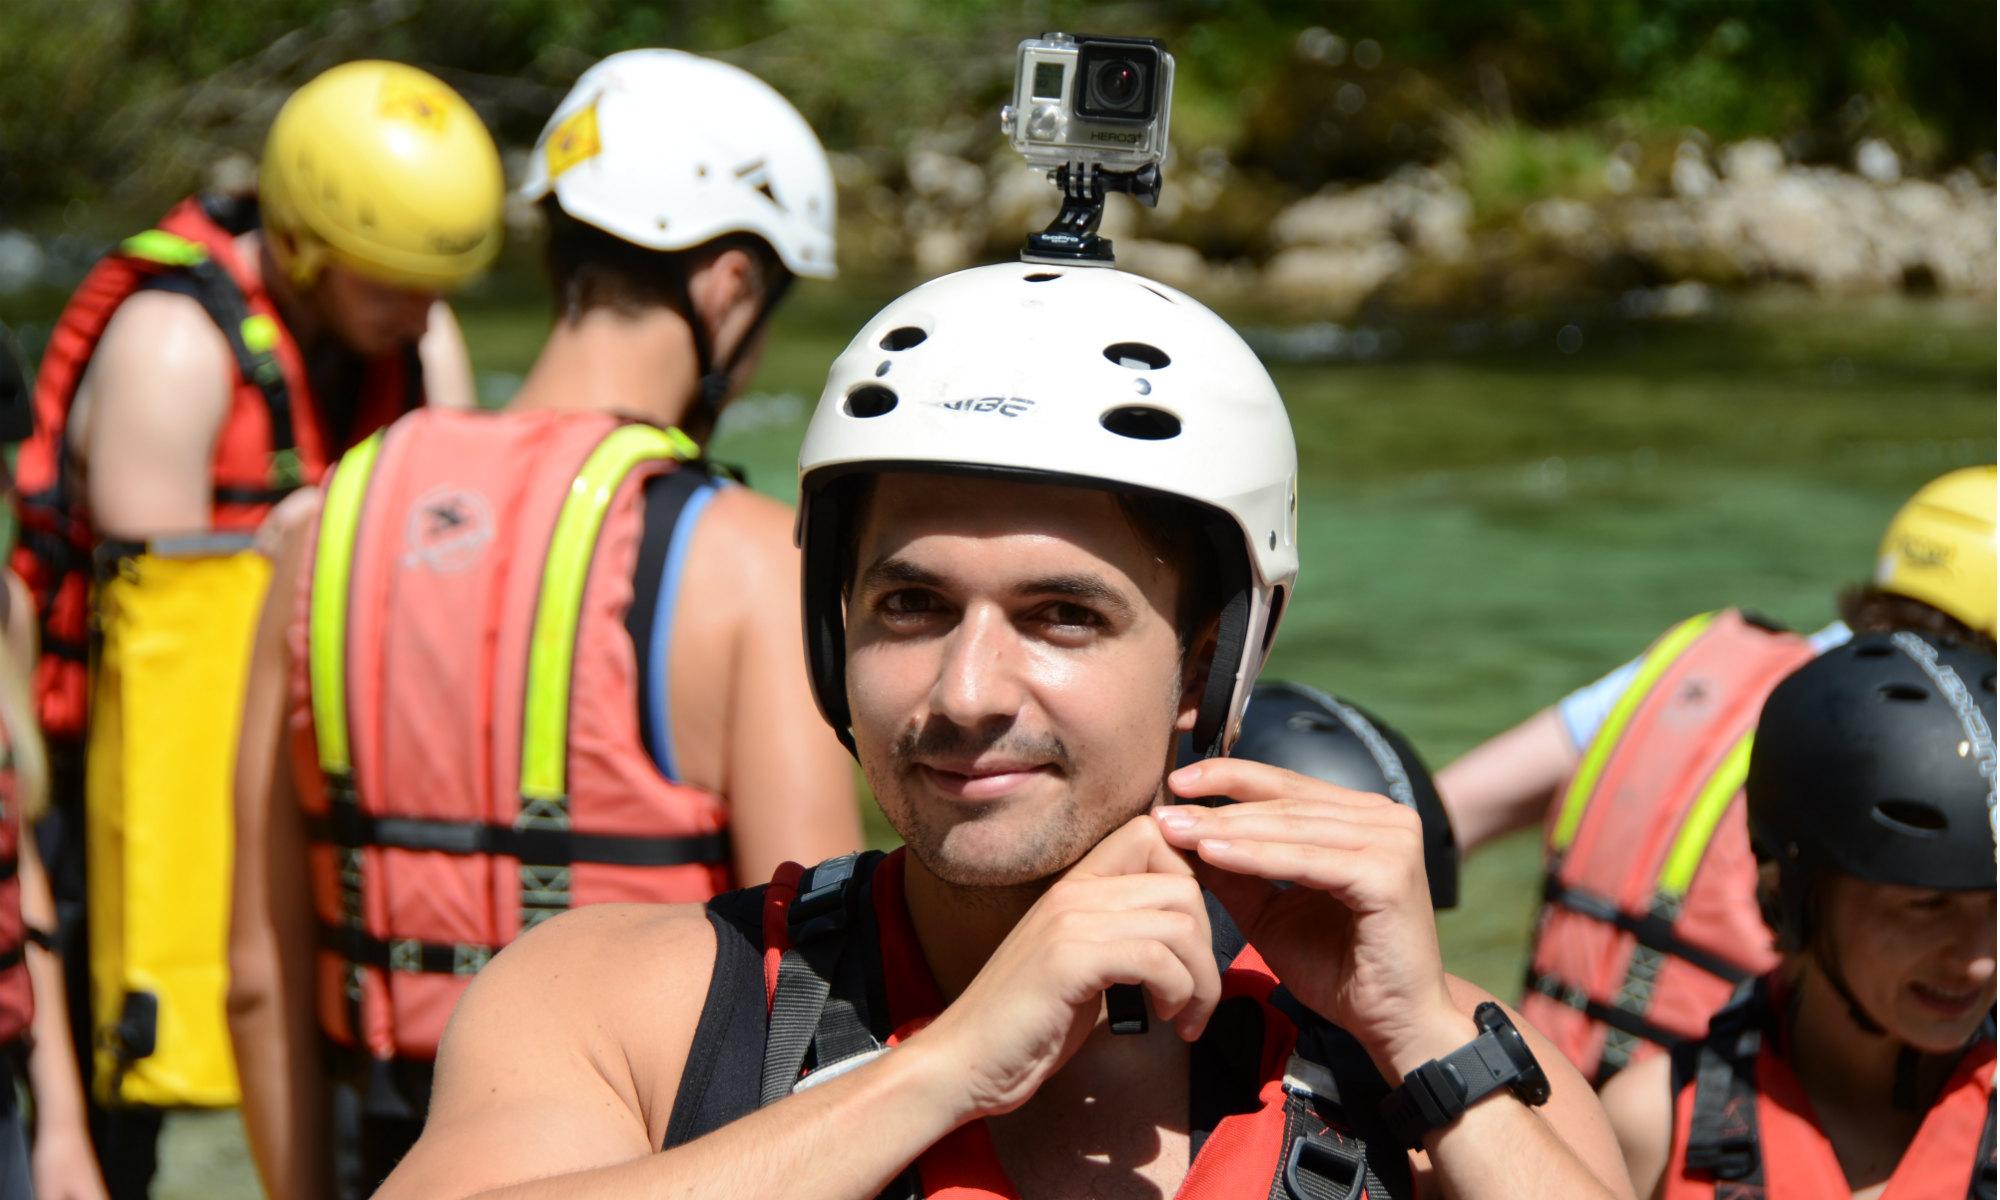 Ein Teilnehmer einer Rafting Tour schließt den Verschluss seines Helmes.